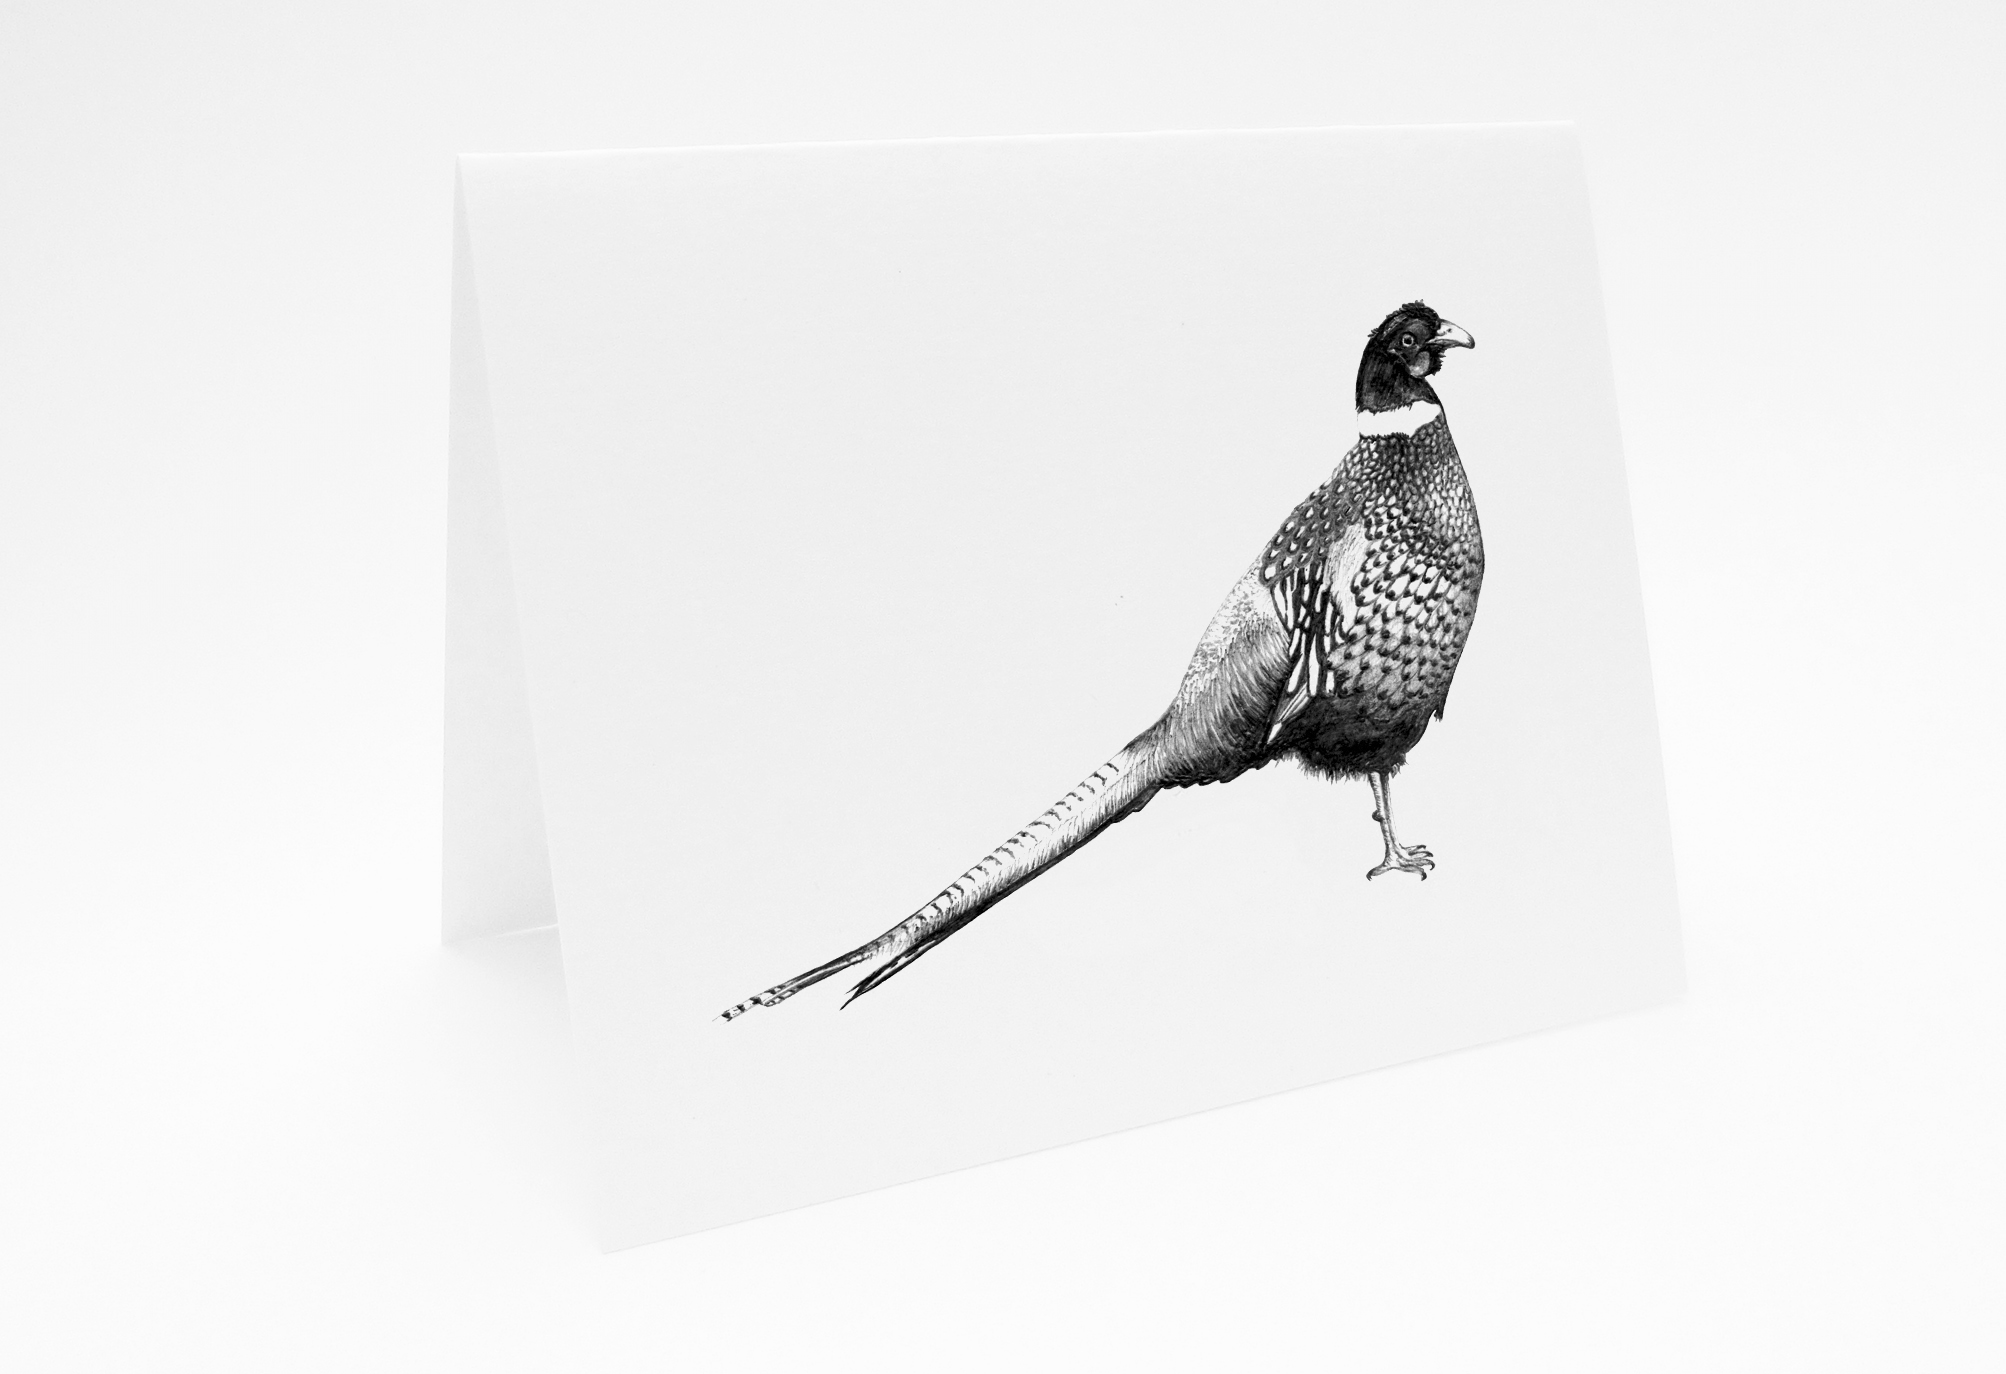 Pheasant - Landscape